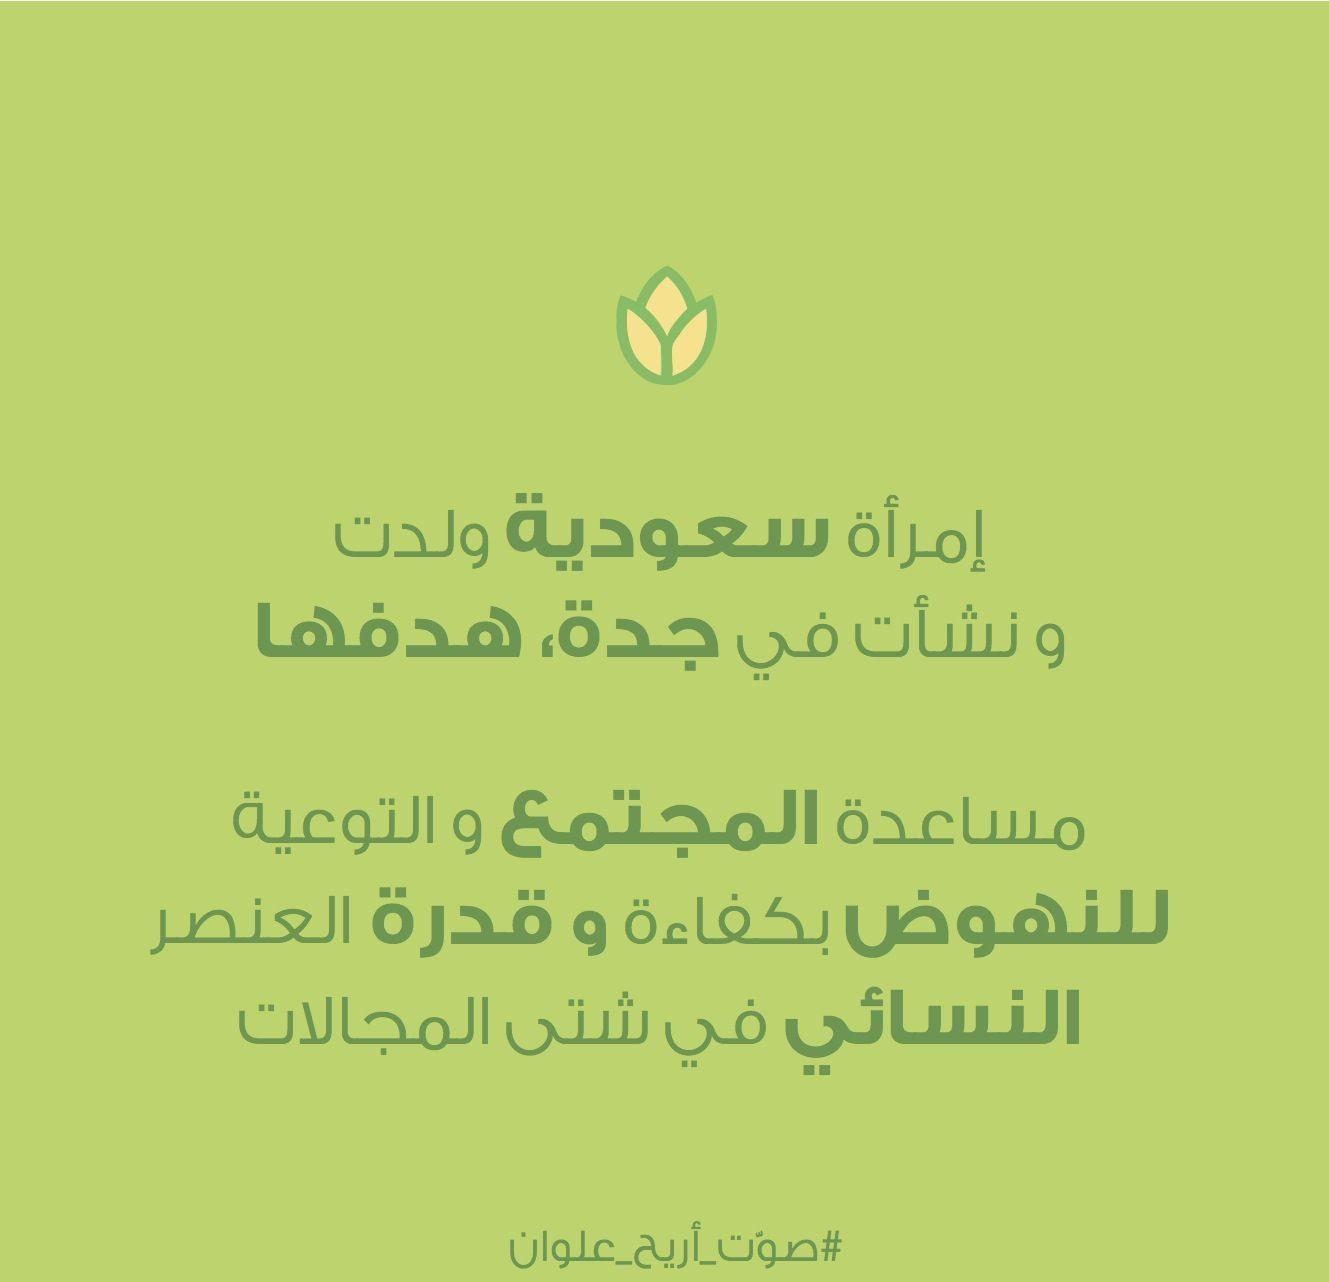 أريج علوان  مرشحة انتخابات مجلس إدارة الغرفة التجارية بجدة